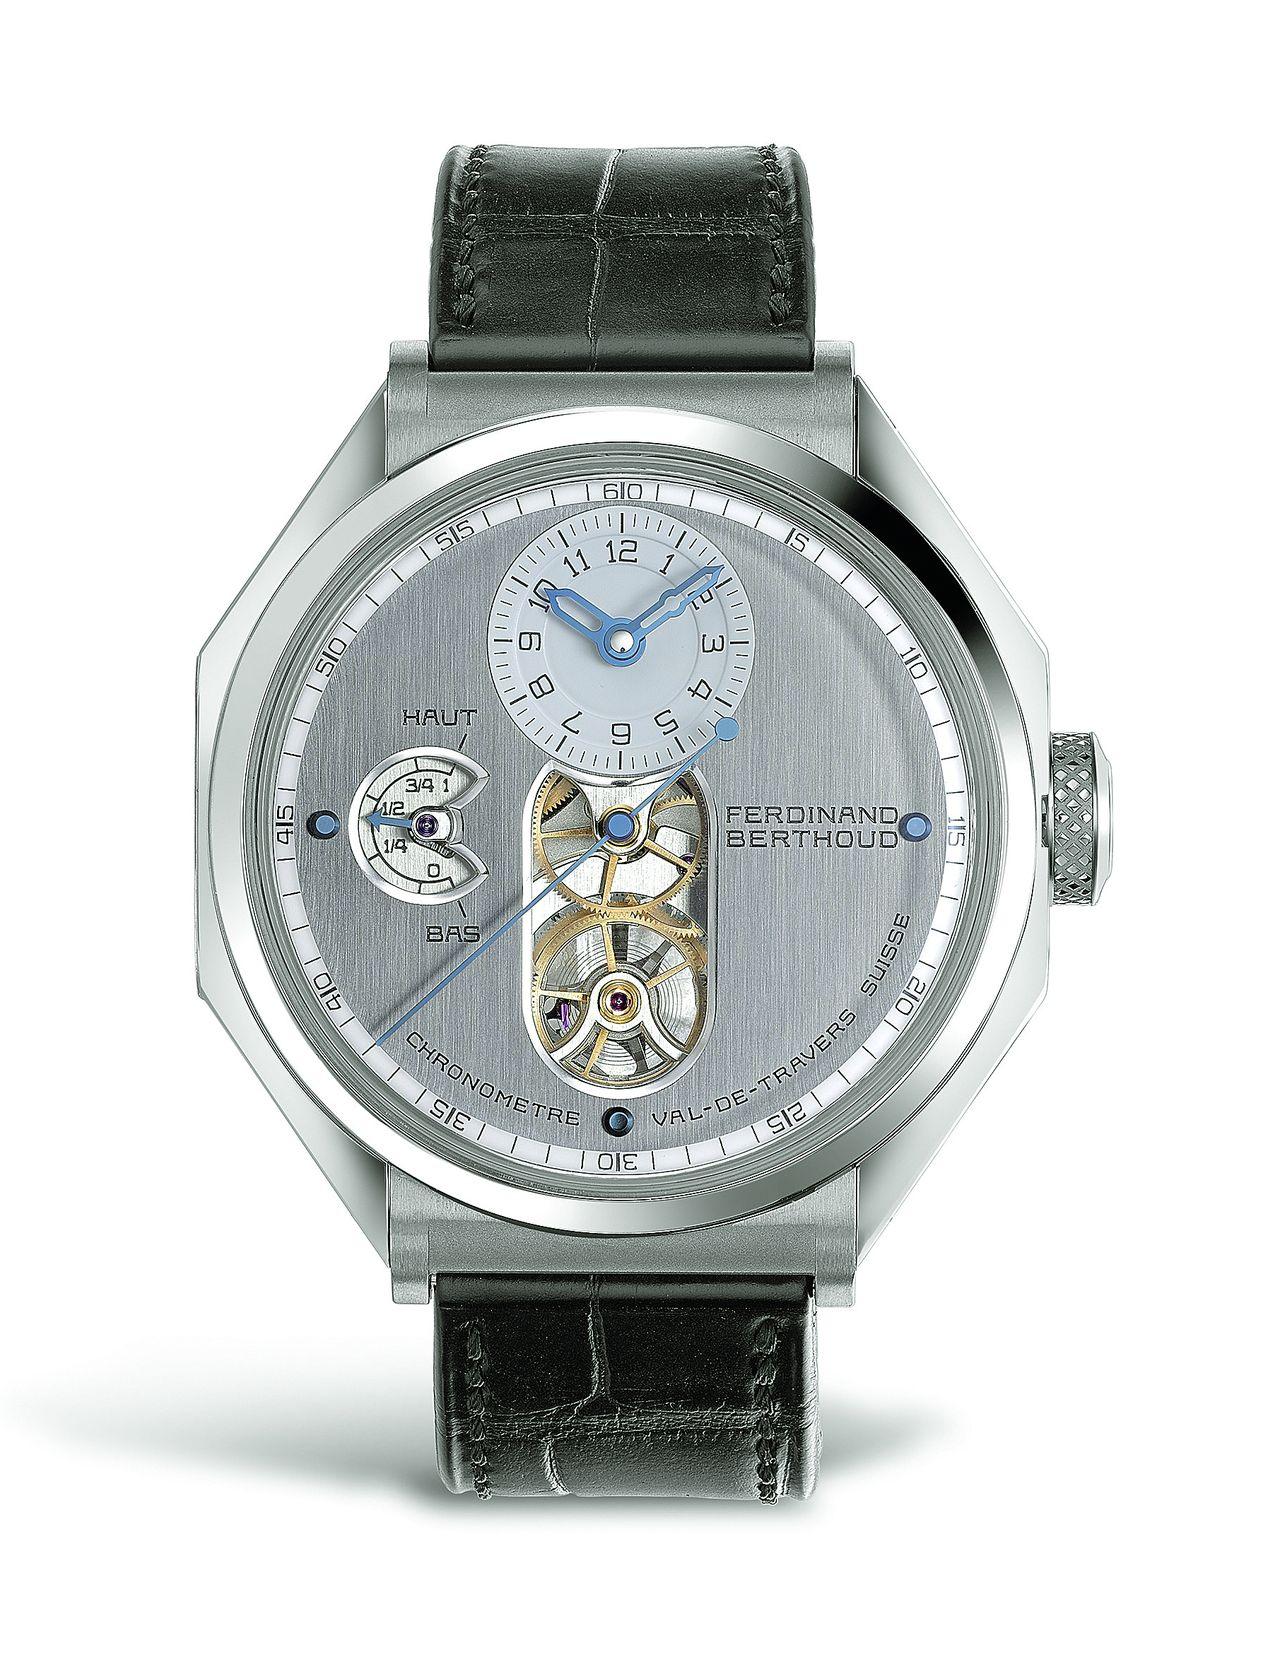 Nyolcszögletű órák - 11. Ferdinand Berthoud FB1, egy igazi ritkaság, a tengeri kronométerek által ihletett, nyolcszögletű tokban.